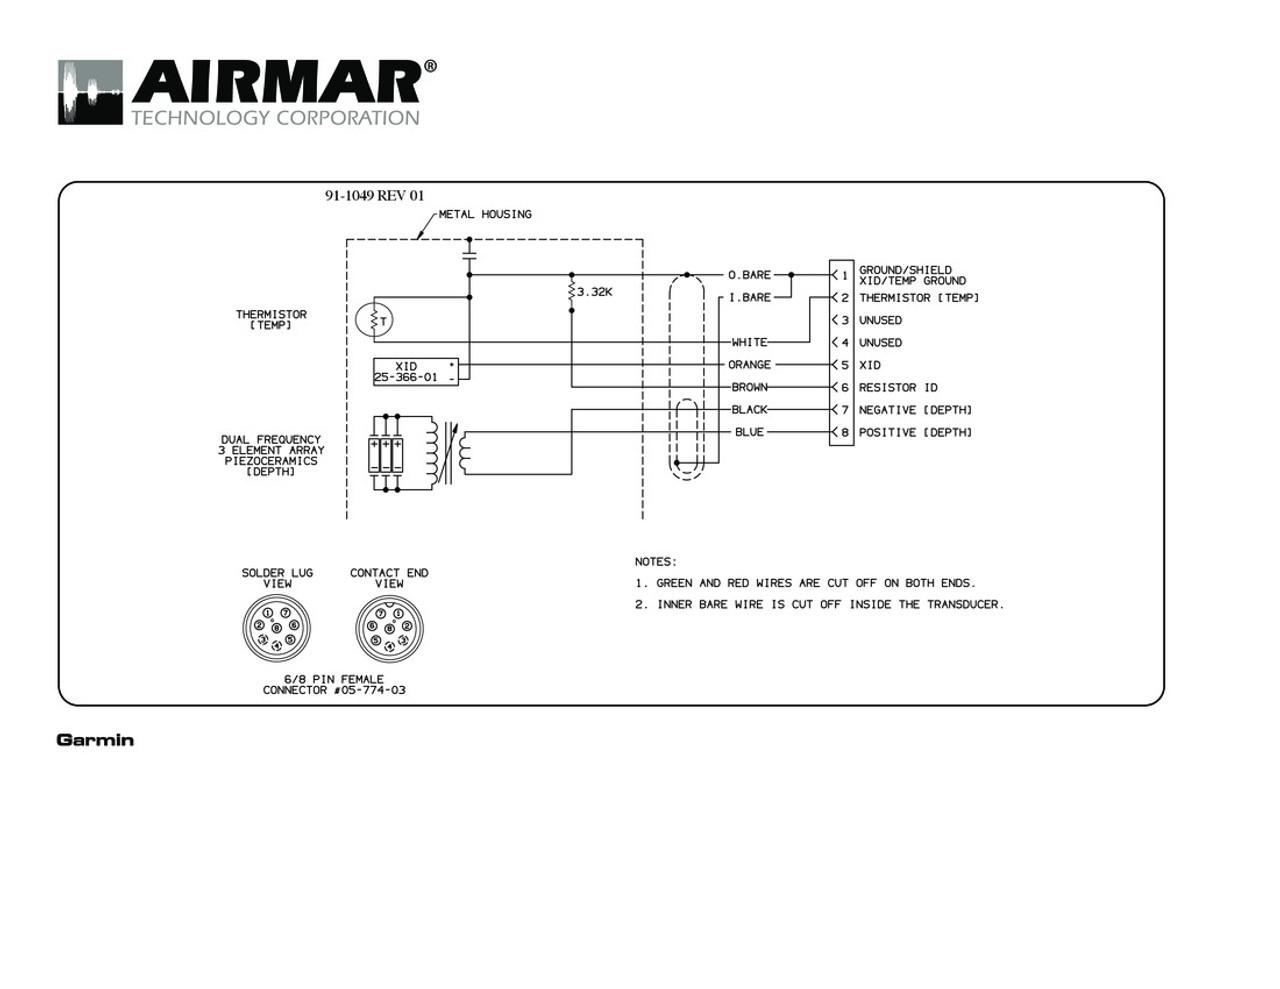 Garmin Gps 2006c Wiring Diagram - Wiring Diagram K10 on